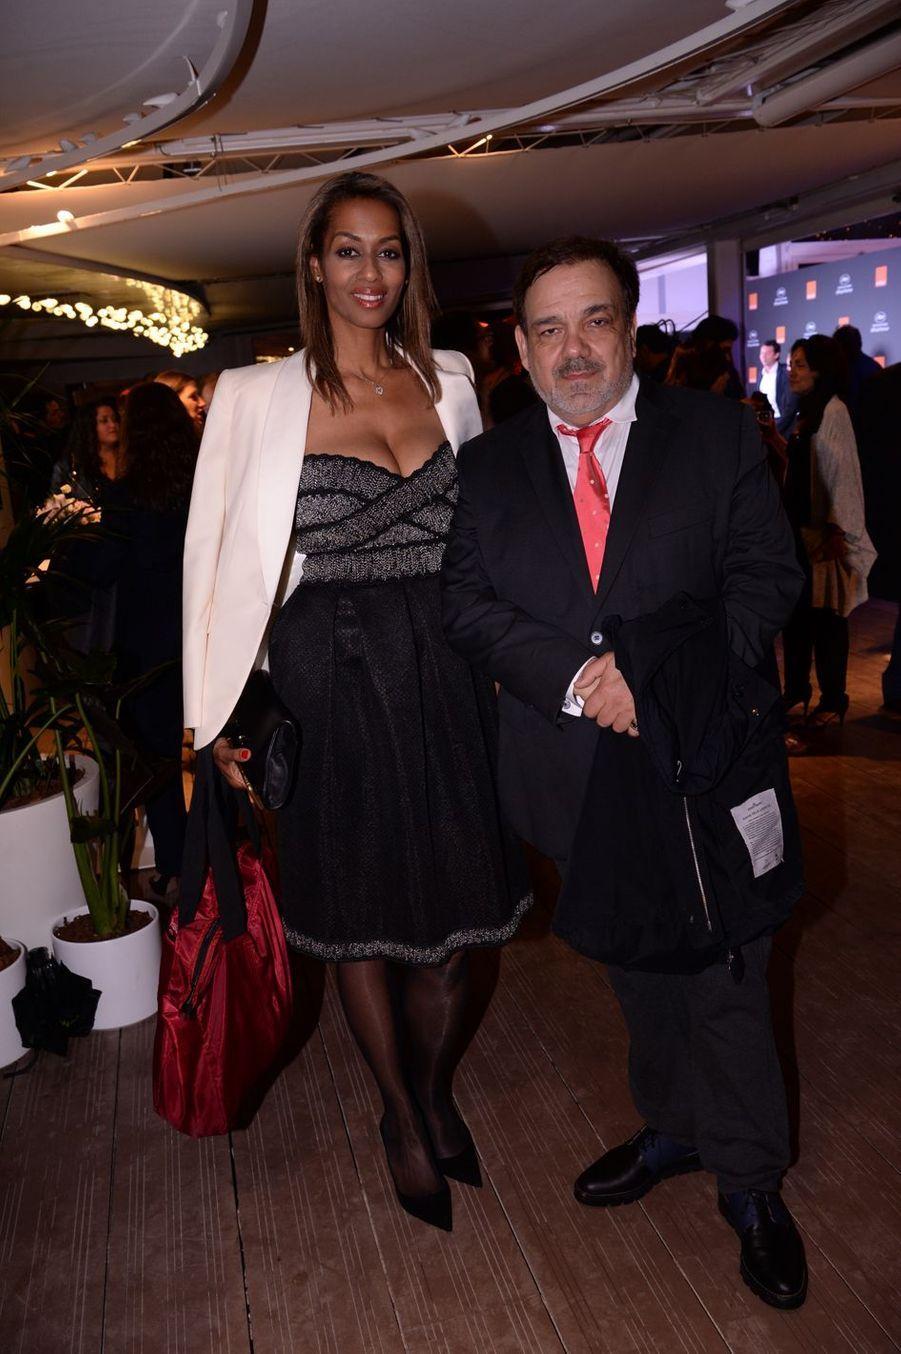 Didier Bourdon et sa femme Marie-Sandra Badinilors de la soirée Orange à Cannes, le 18 mai 2019